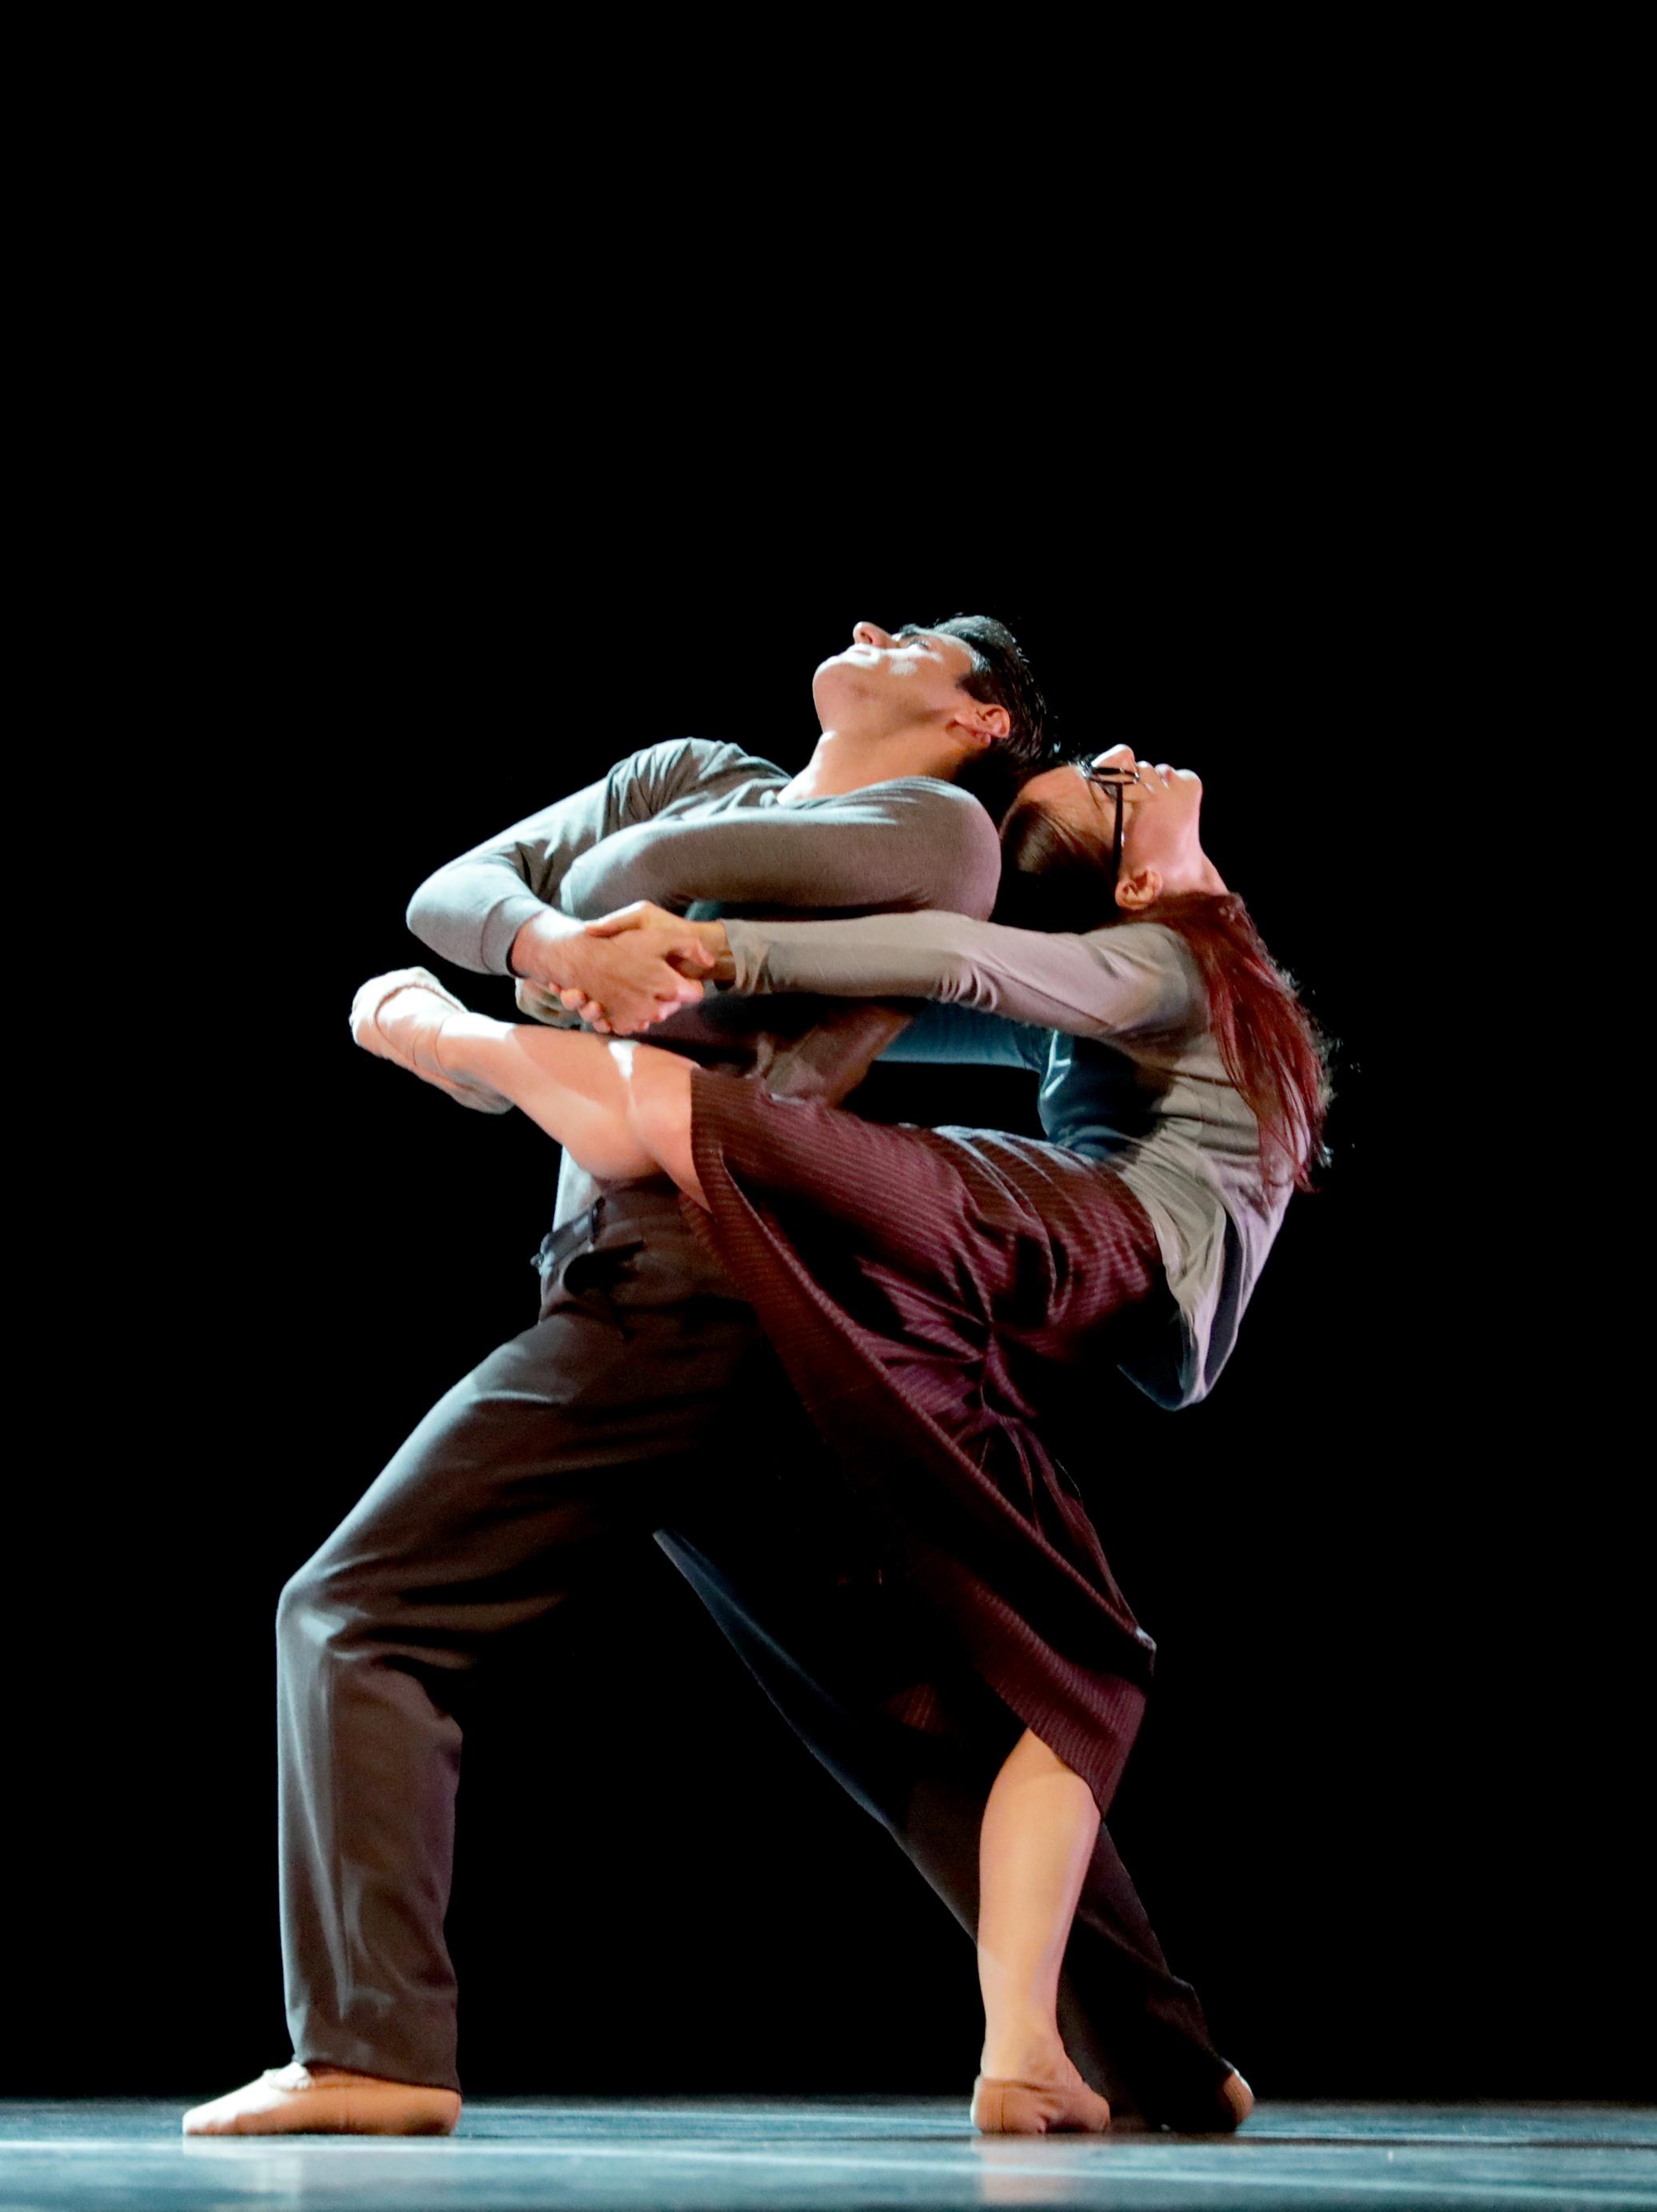 Martina Arduino e Gioacchino Starace - ph. credit Brescia/Amisano - Teatro alla Scala